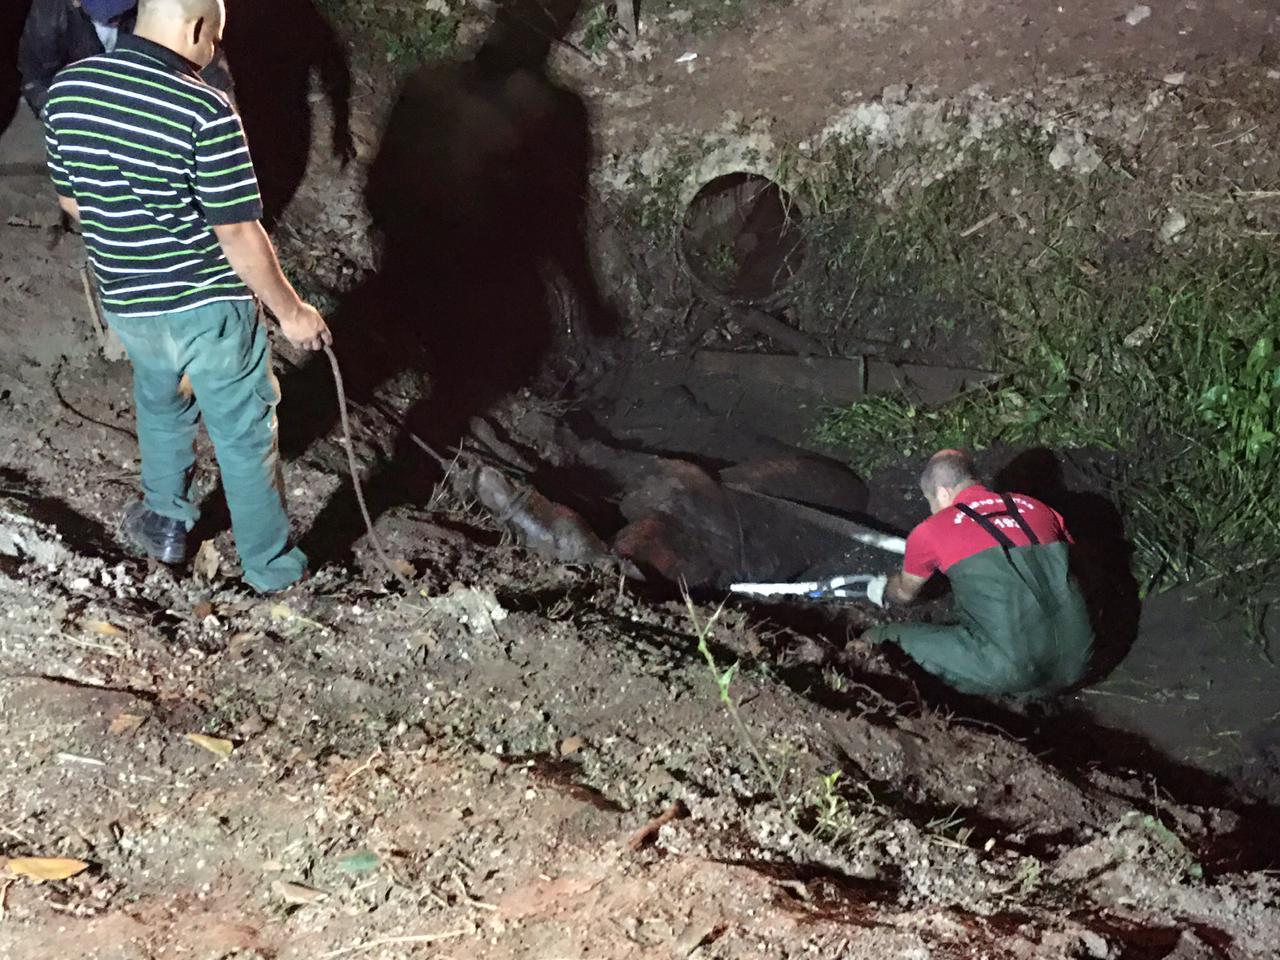 Os socorristas usaram duas cintas de reboque e resgataram o cavalo que foi entregue ao seu dono - Divulgação/CBM Gaspar/ND